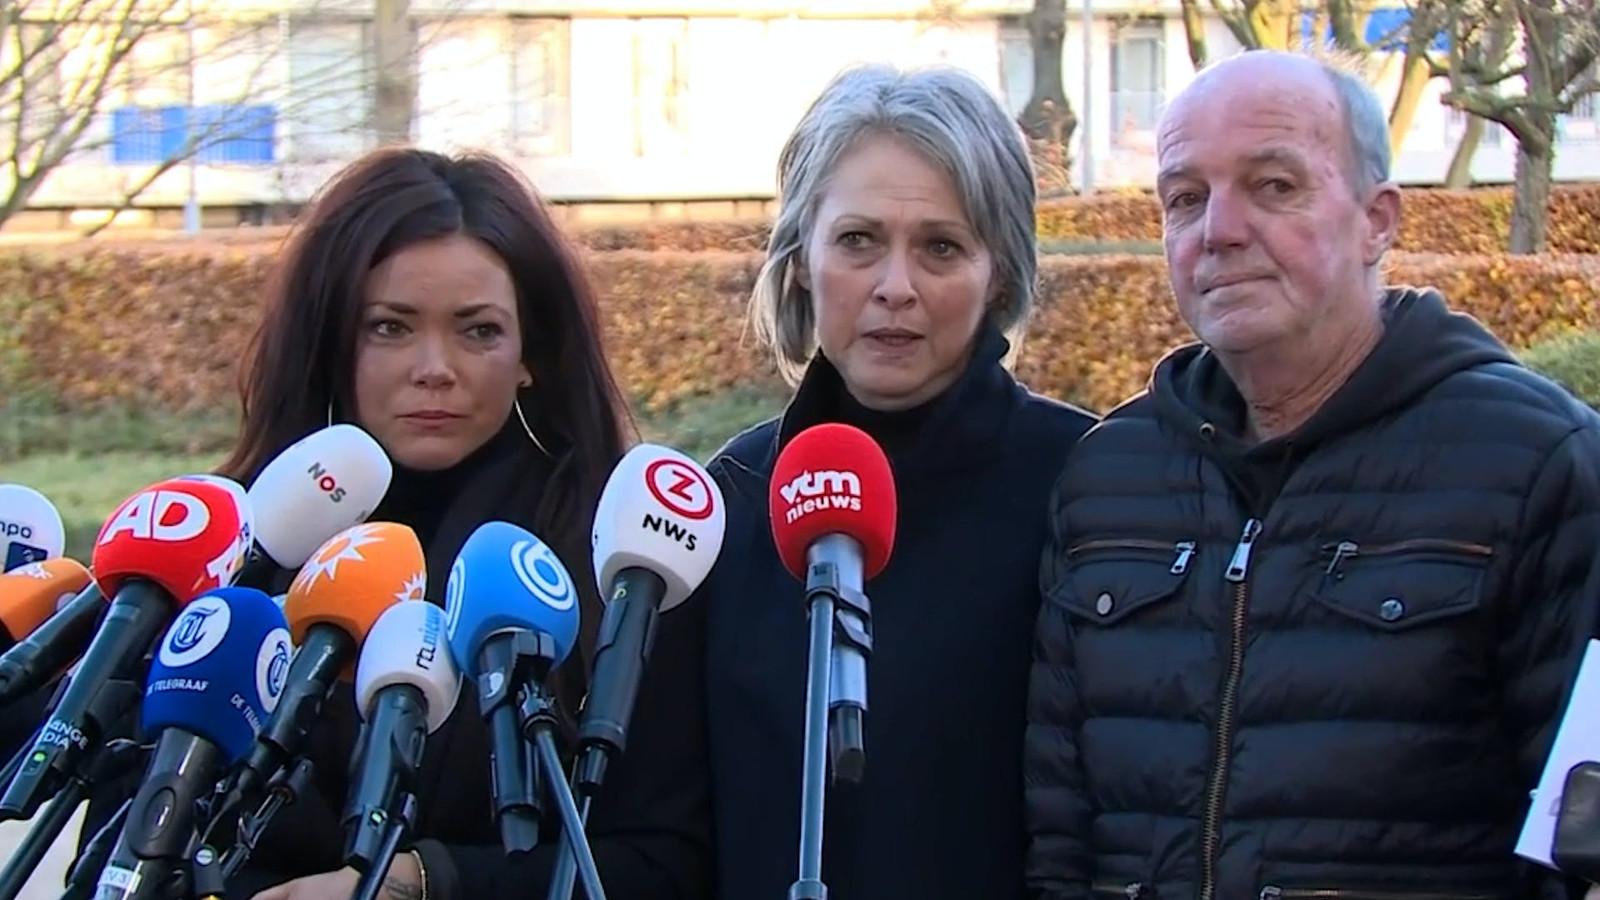 De zus, moeder en vader van Nicky Verstappen gaven vorige week aan opgelucht te zijn dat er een dader is. Maar vinden het erg dat ze na 22 jaar nog steeds niet weten wat er is gebeurd.